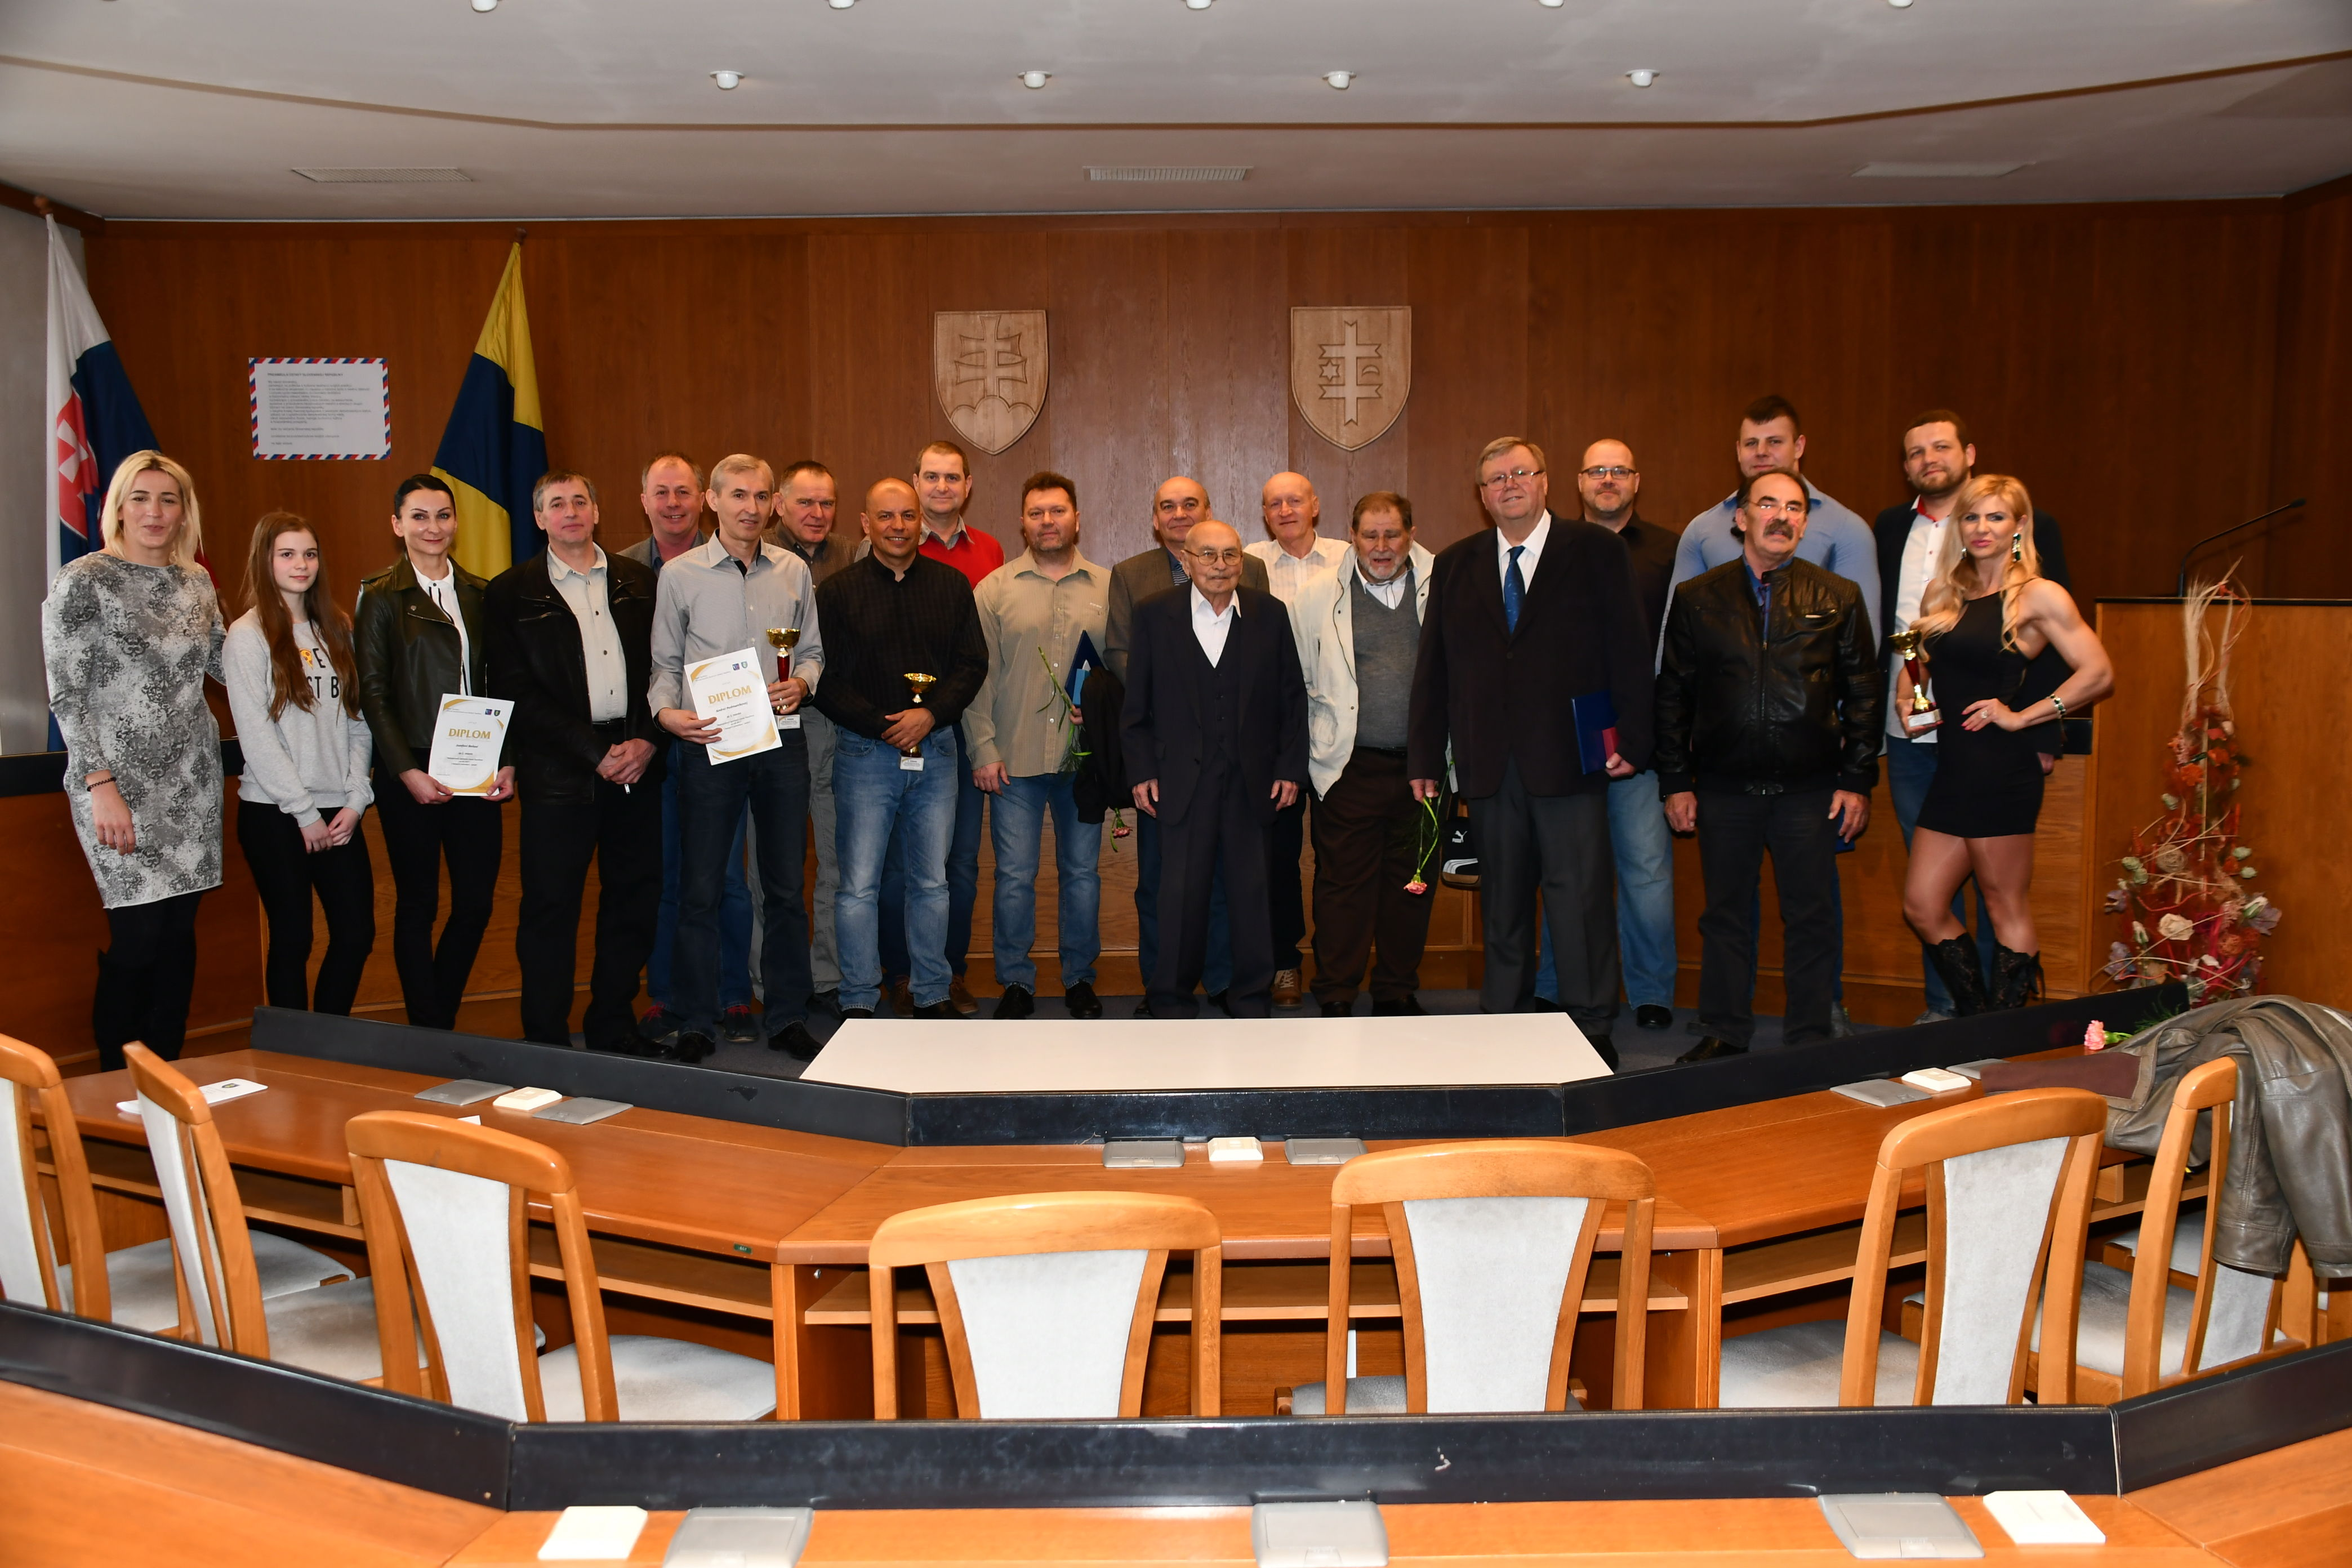 Ocenili najlepších športovcov mesta - Katalóg firiem  ef269270cd3